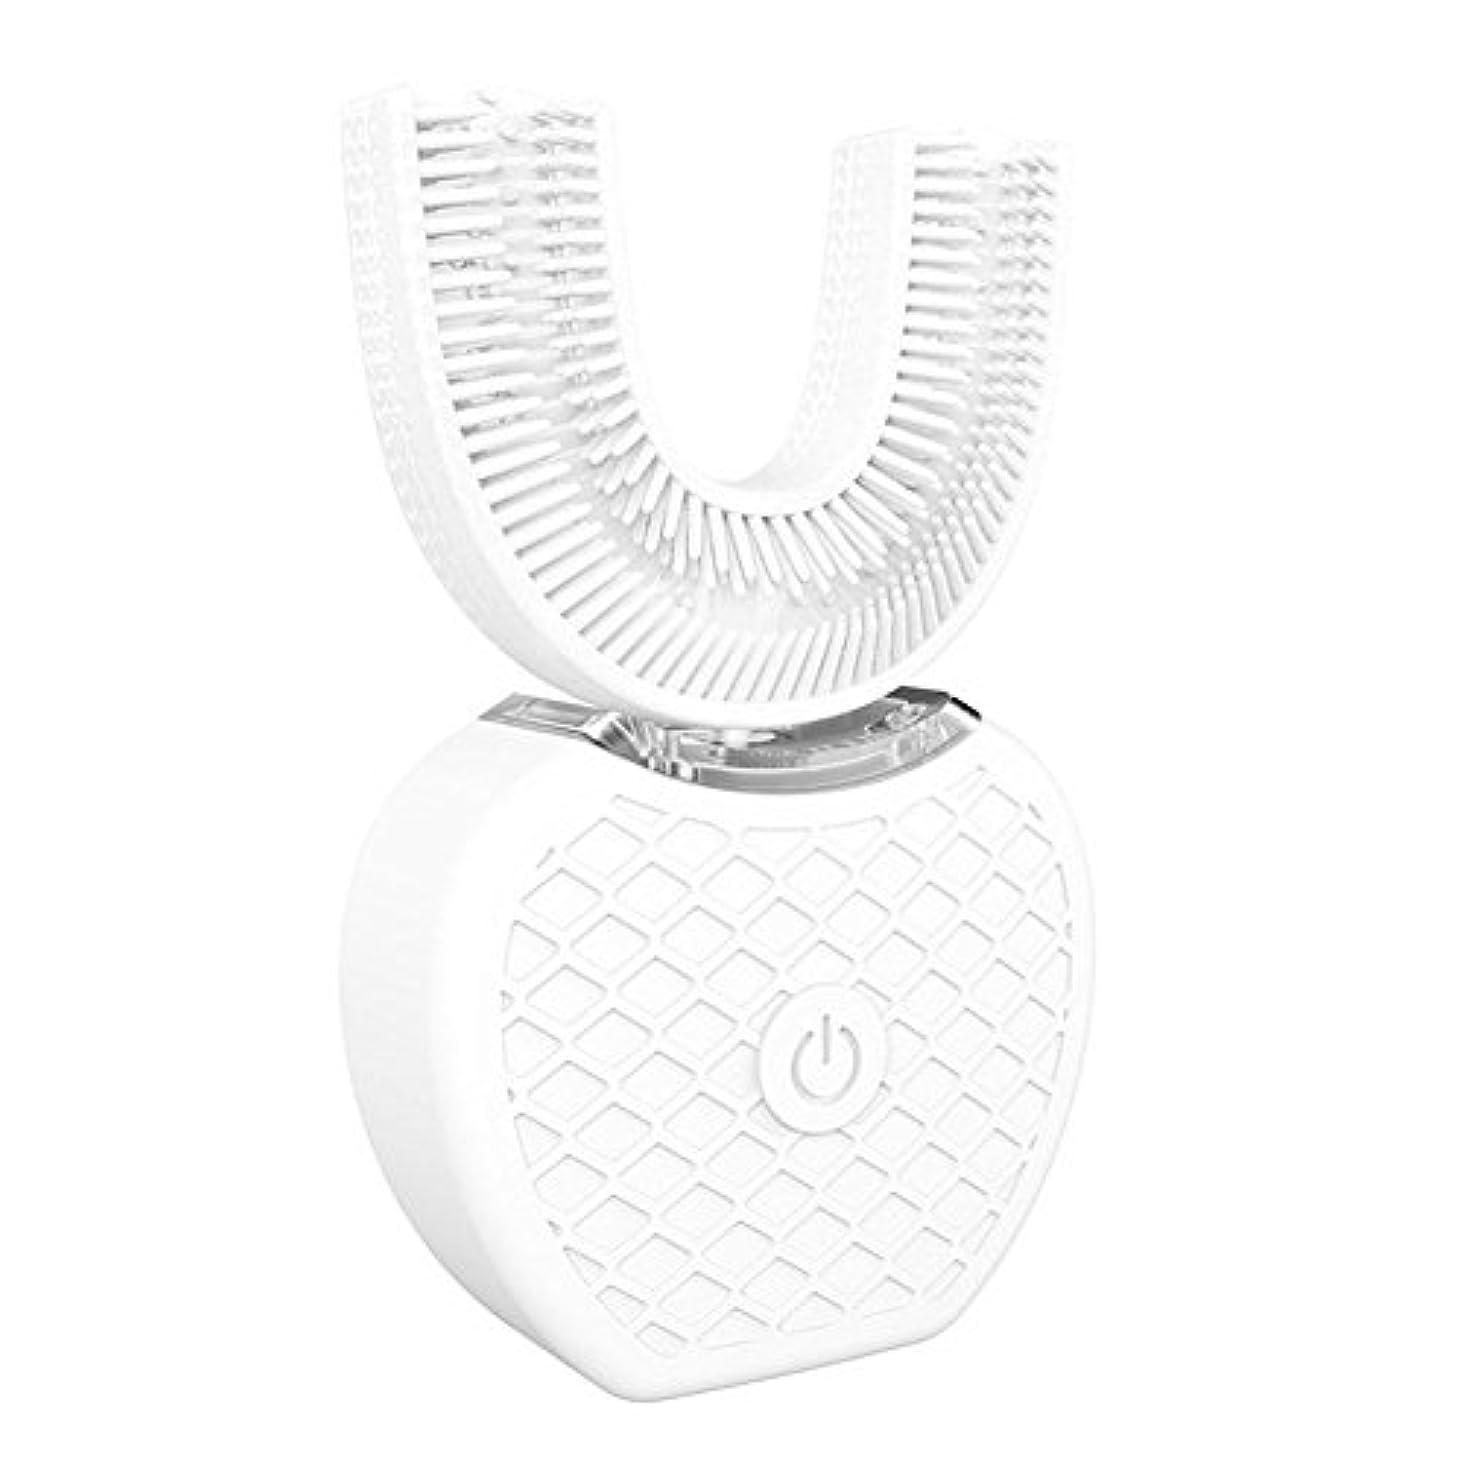 しおれたデイジー学校【Cheng-store】自動周波数超音波電動歯ブラシ360° 怠惰な歯ブラシ白い歯の器具 自動ハンズフリー白色発光 ブラシヘッドをU字型4選択可能なモード